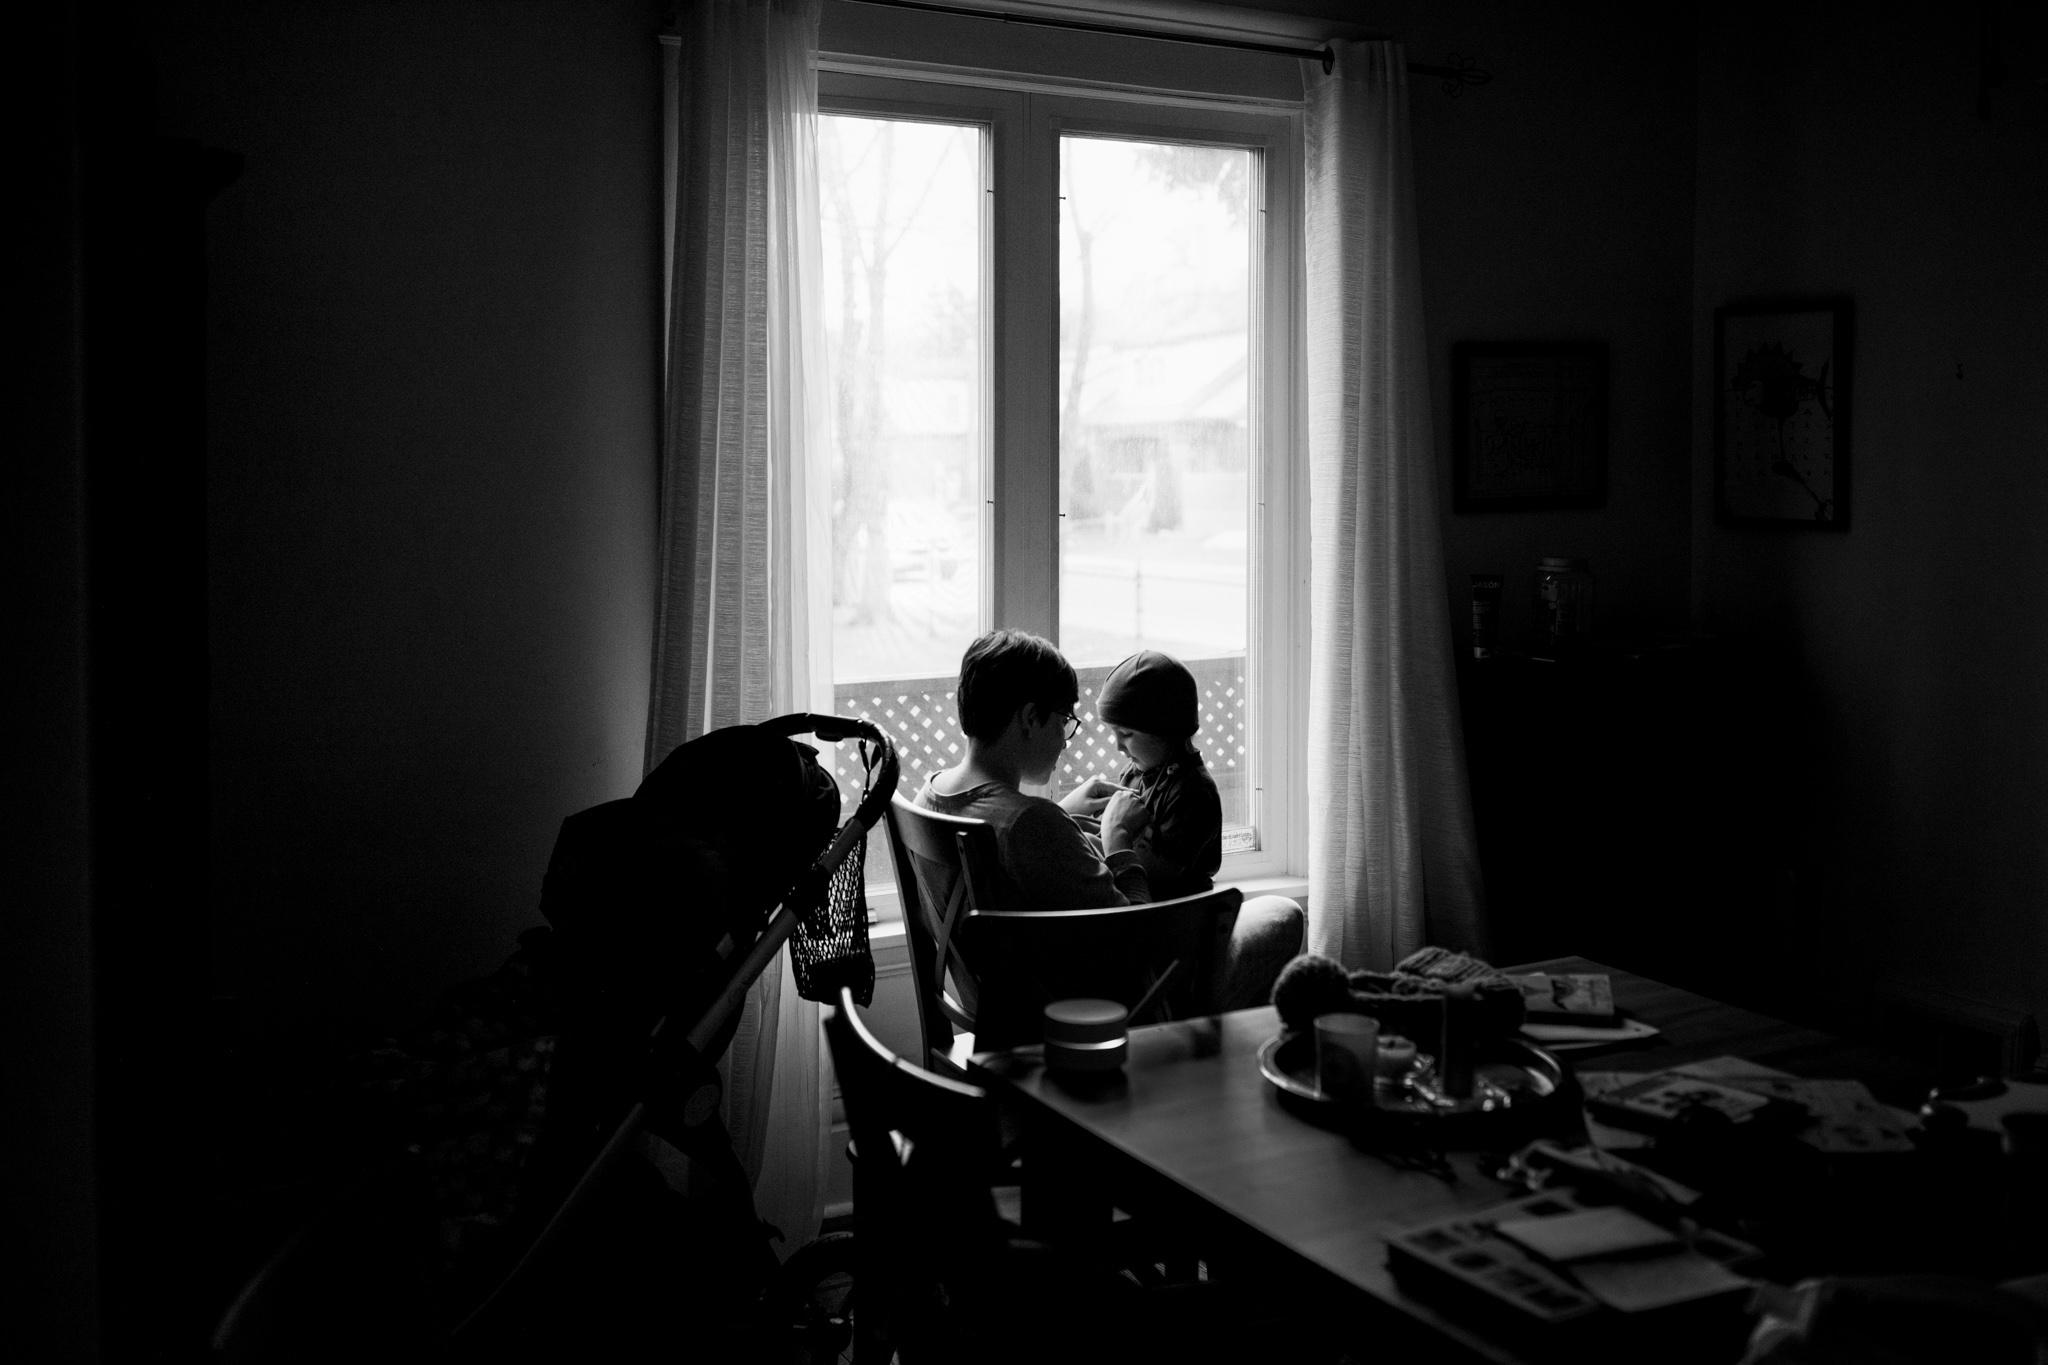 אמא ואוליב שחור לבן  ווב-1.jpg